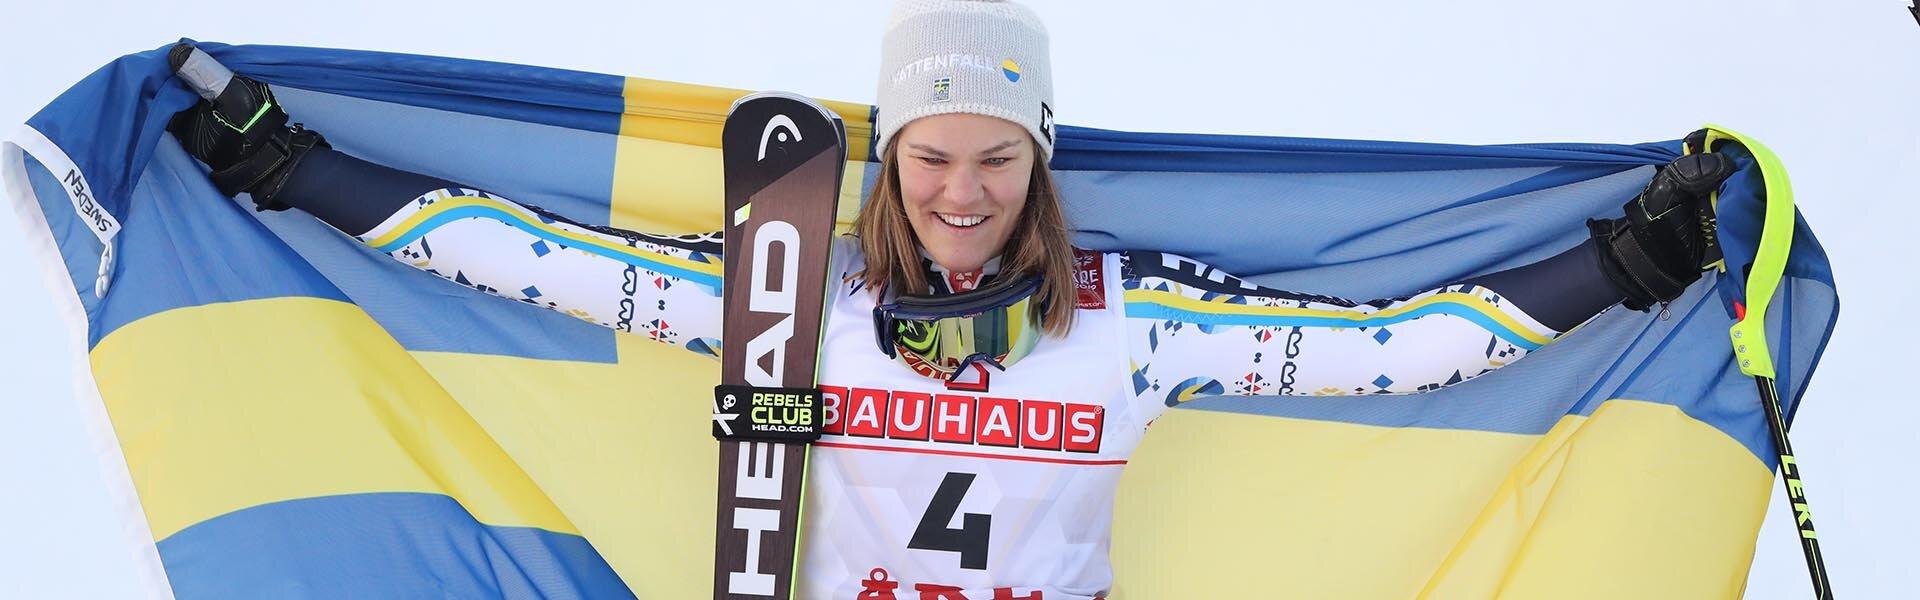 detail-1 Anna Swenn-Larsson